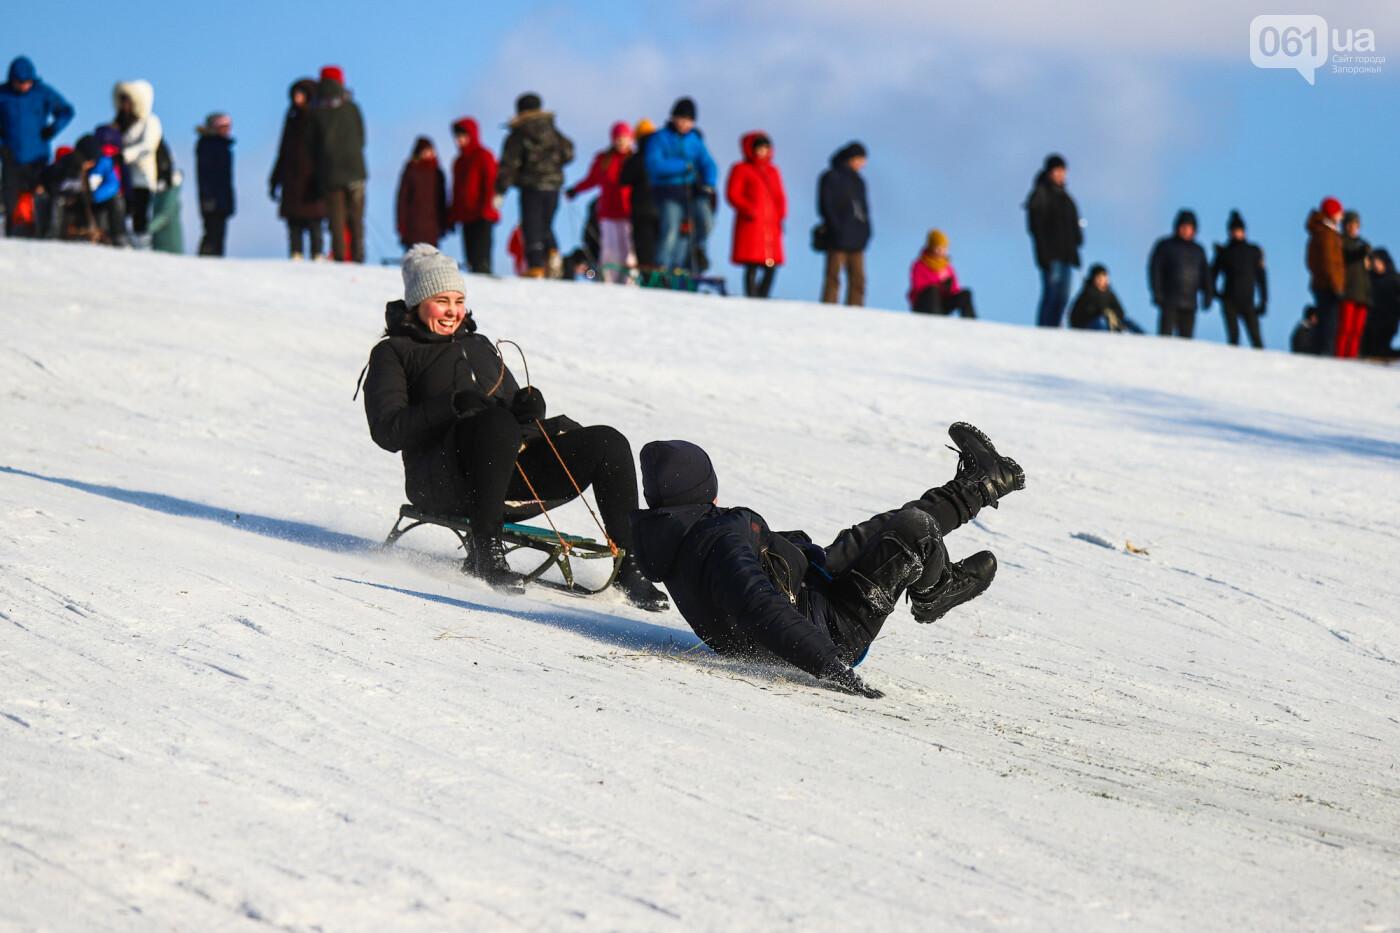 На санках, лыжах и сноуборде: запорожцы устроили массовое катание с горок в Вознесеновском парке, - ФОТОРЕПОРТАЖ, фото-25